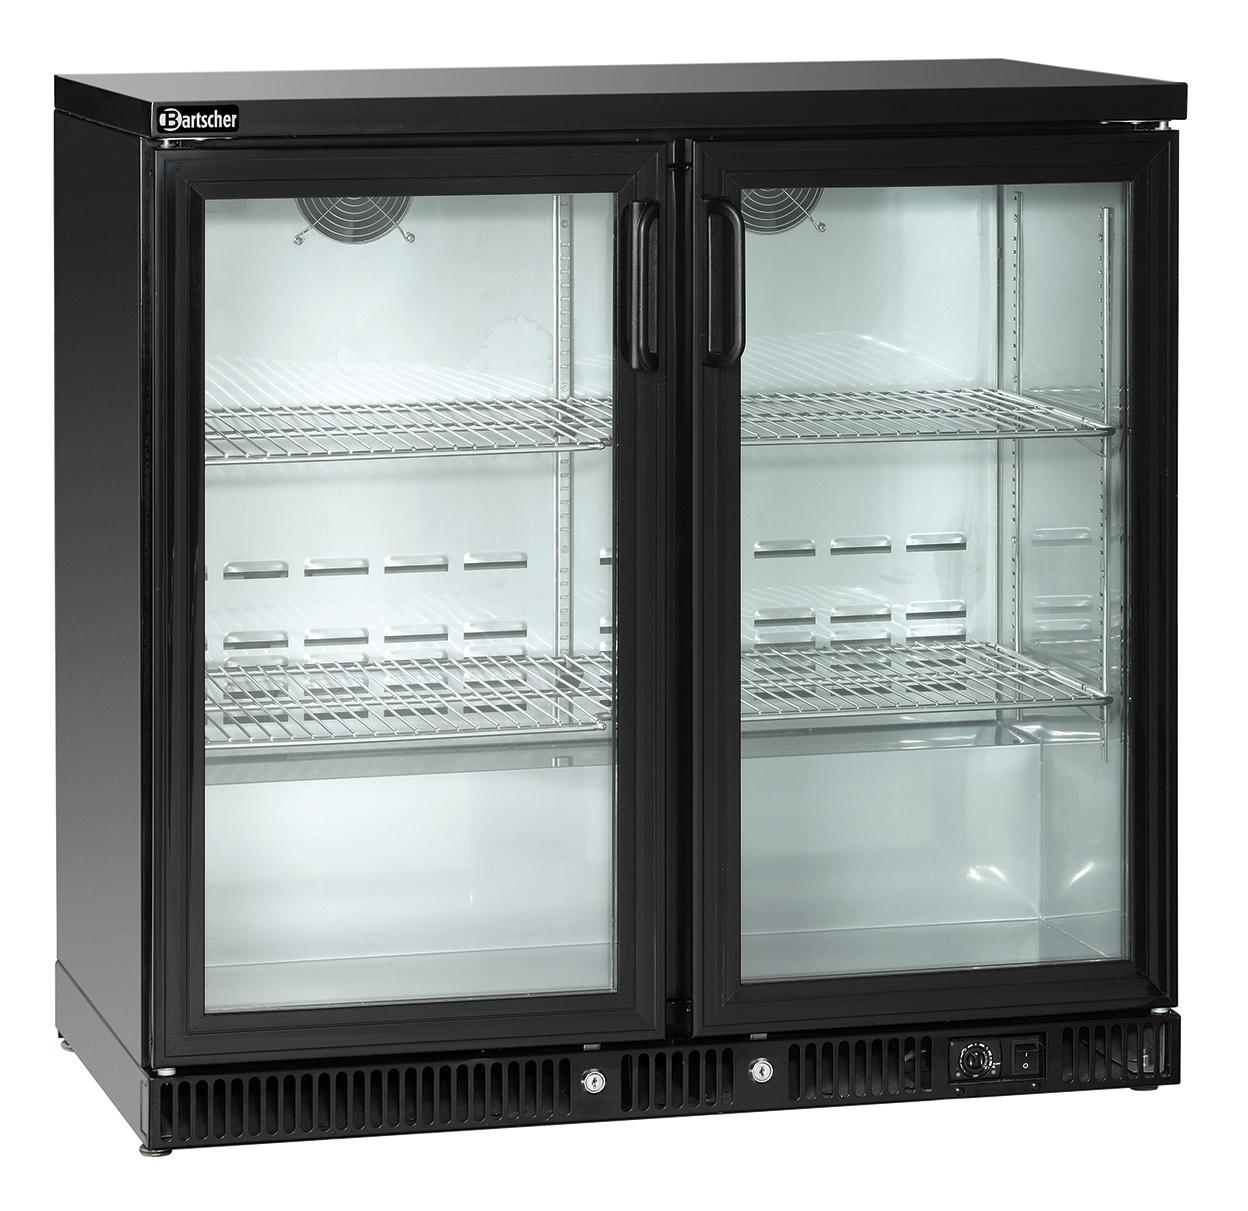 Bartscher Flessenkoeler - 2 deuren - 220 liter - Zwart